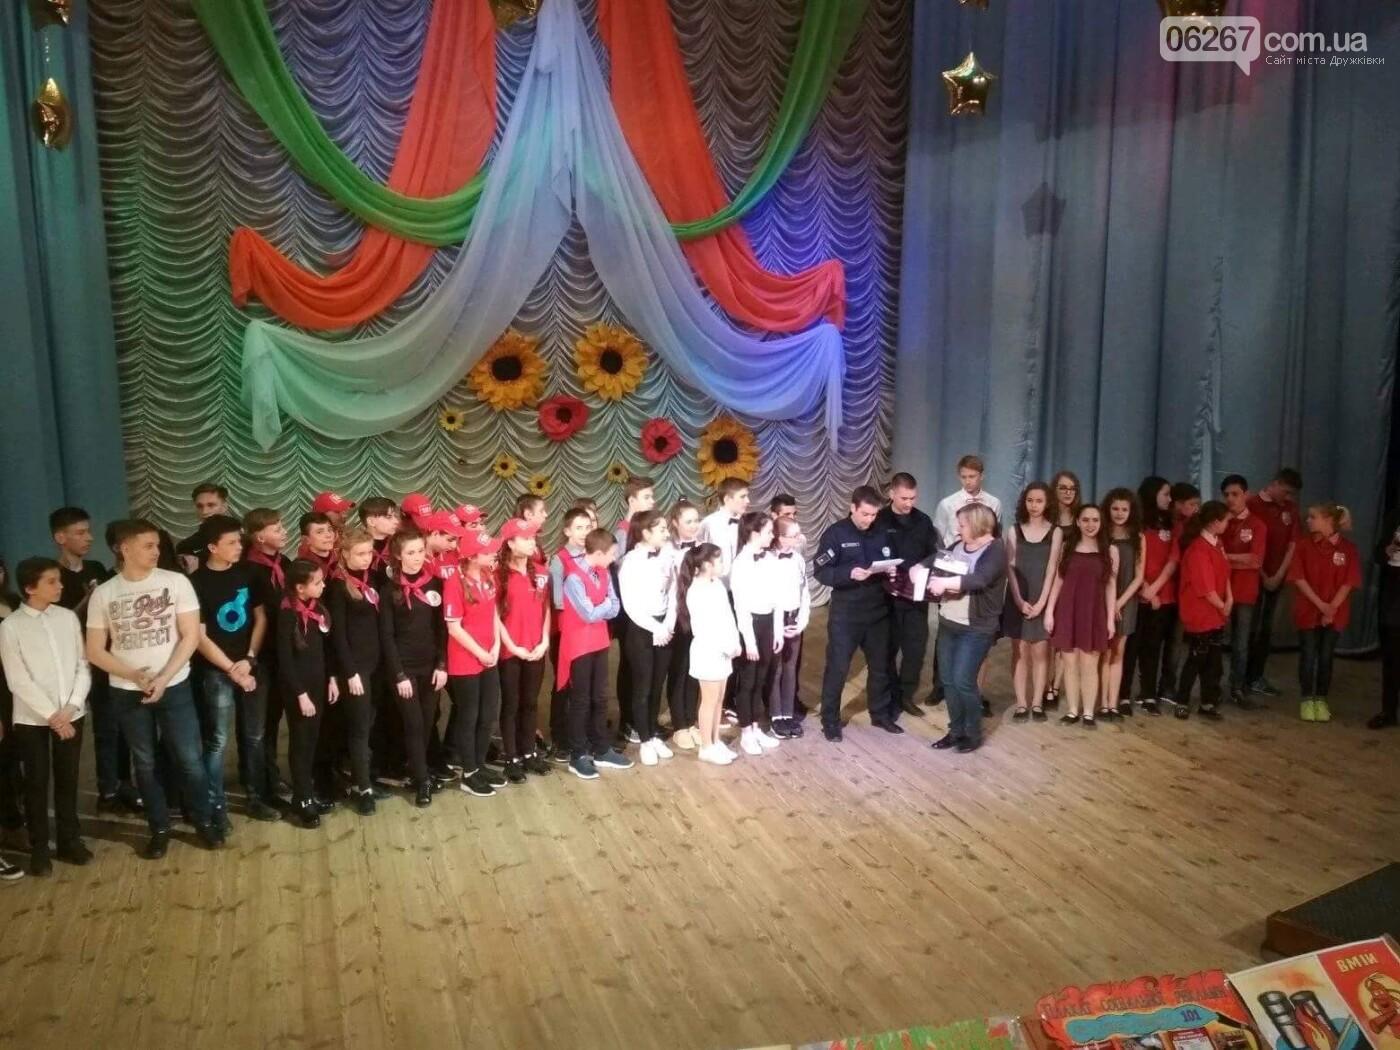 Дружковка: Сегодня в ЦДЮТ стали известны призеры конкурса «Юные пожарные» (ФОТО), фото-2